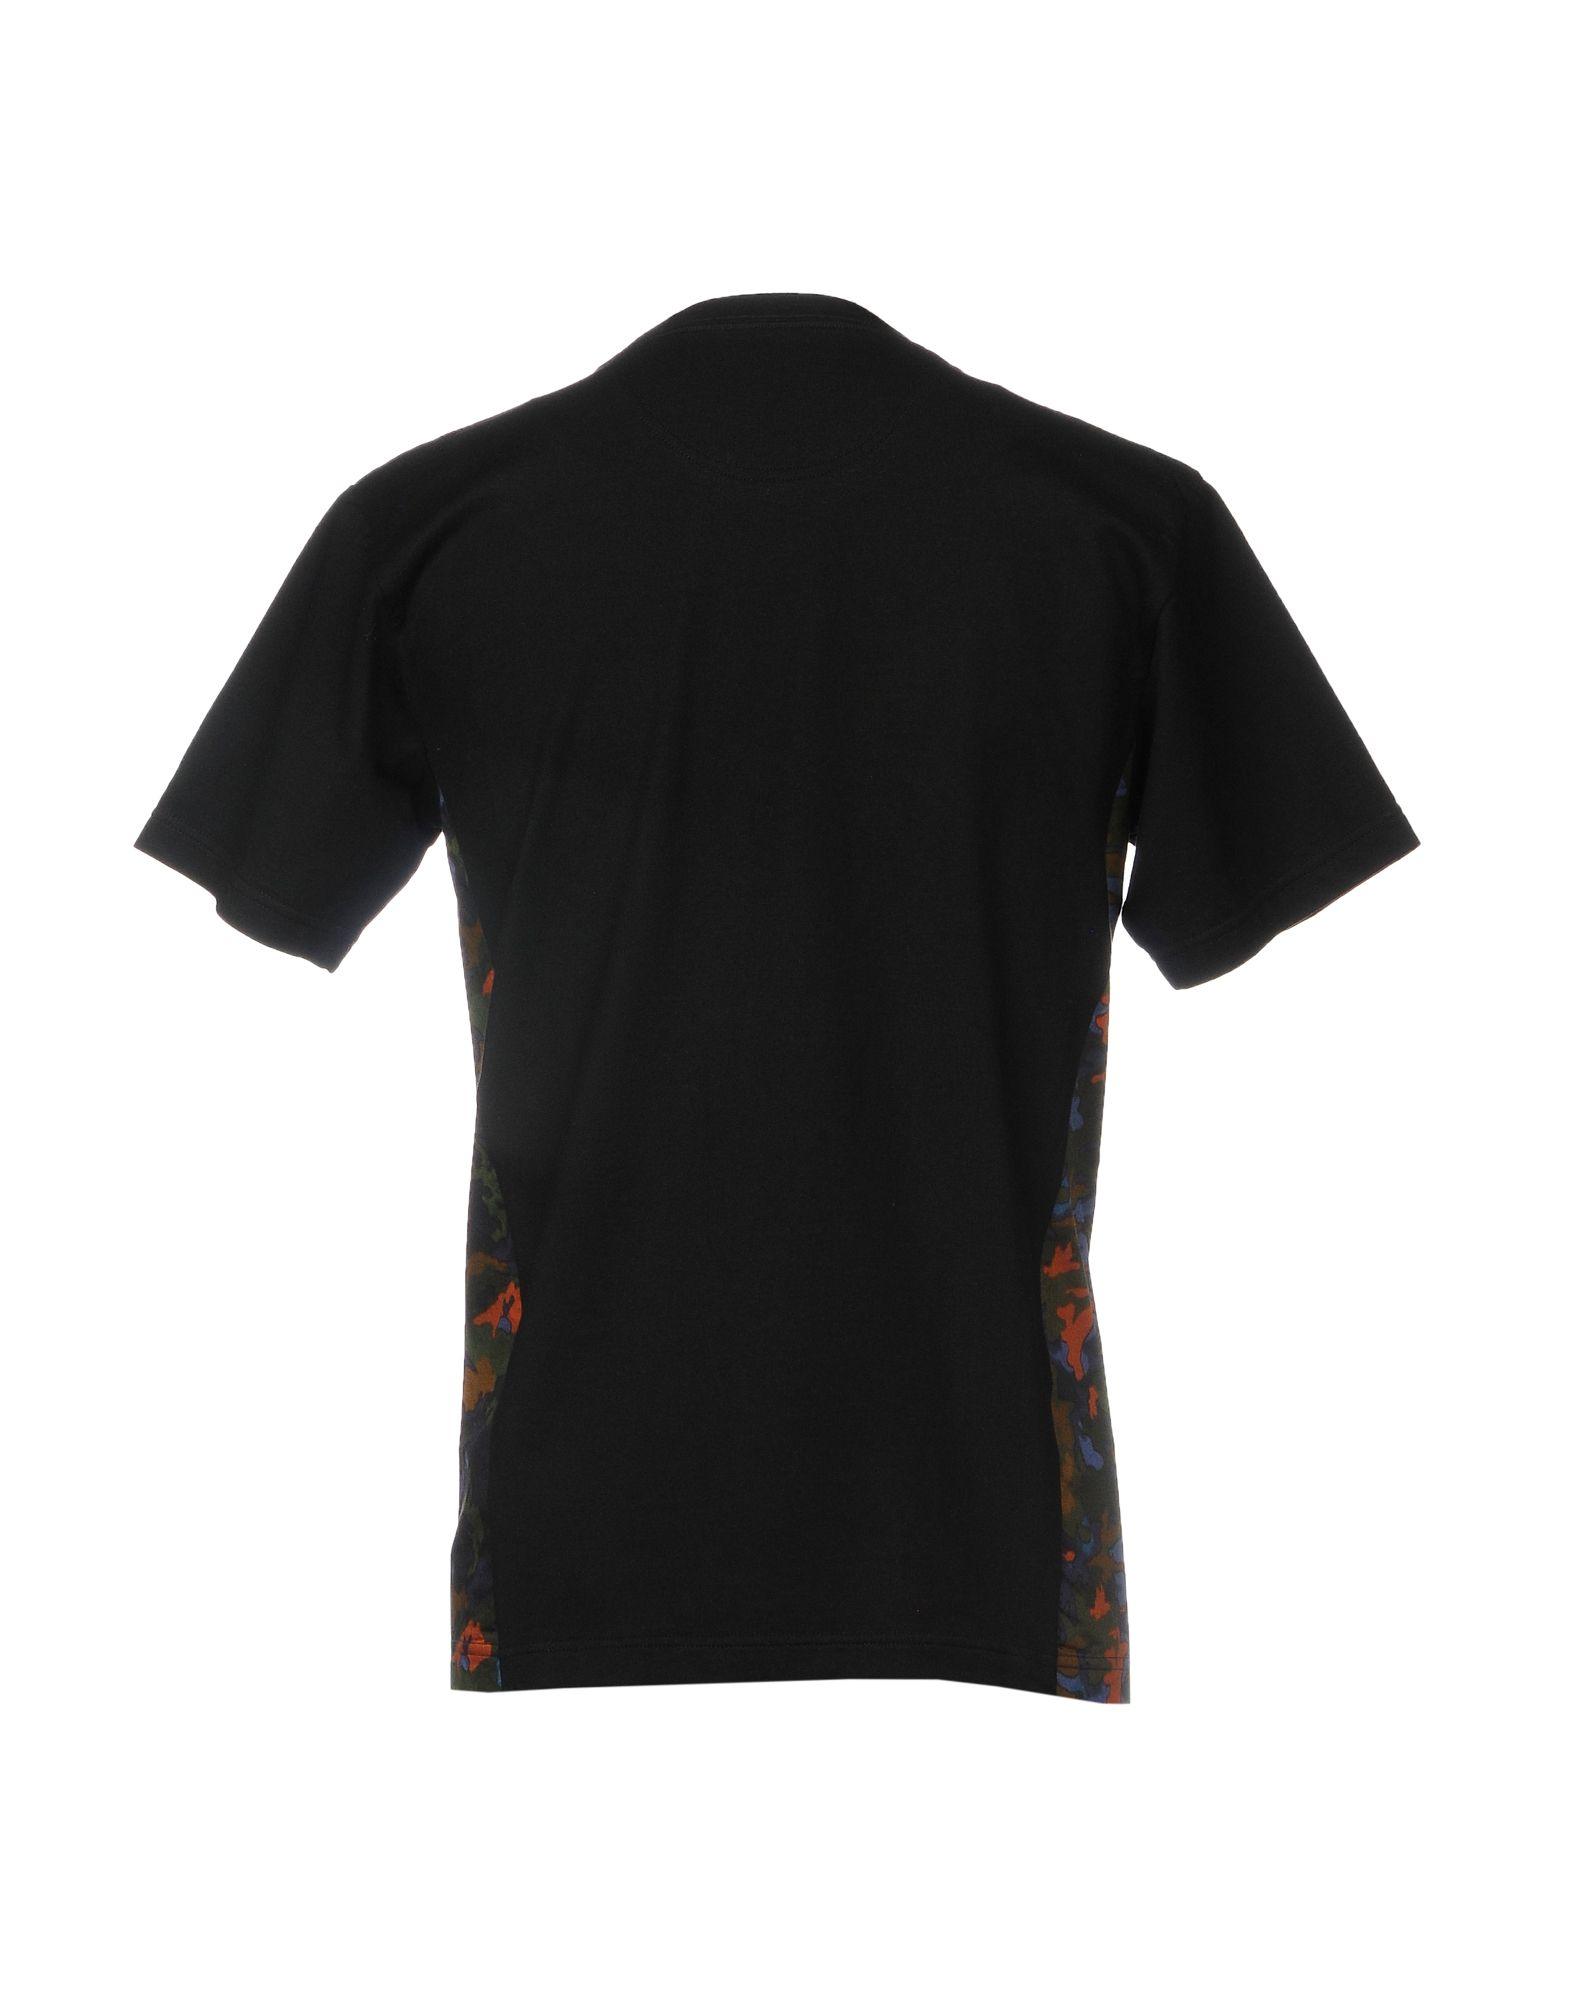 T-Shirt bianca Mountaineering 12121735CQ Uomo - 12121735CQ Mountaineering 59e250